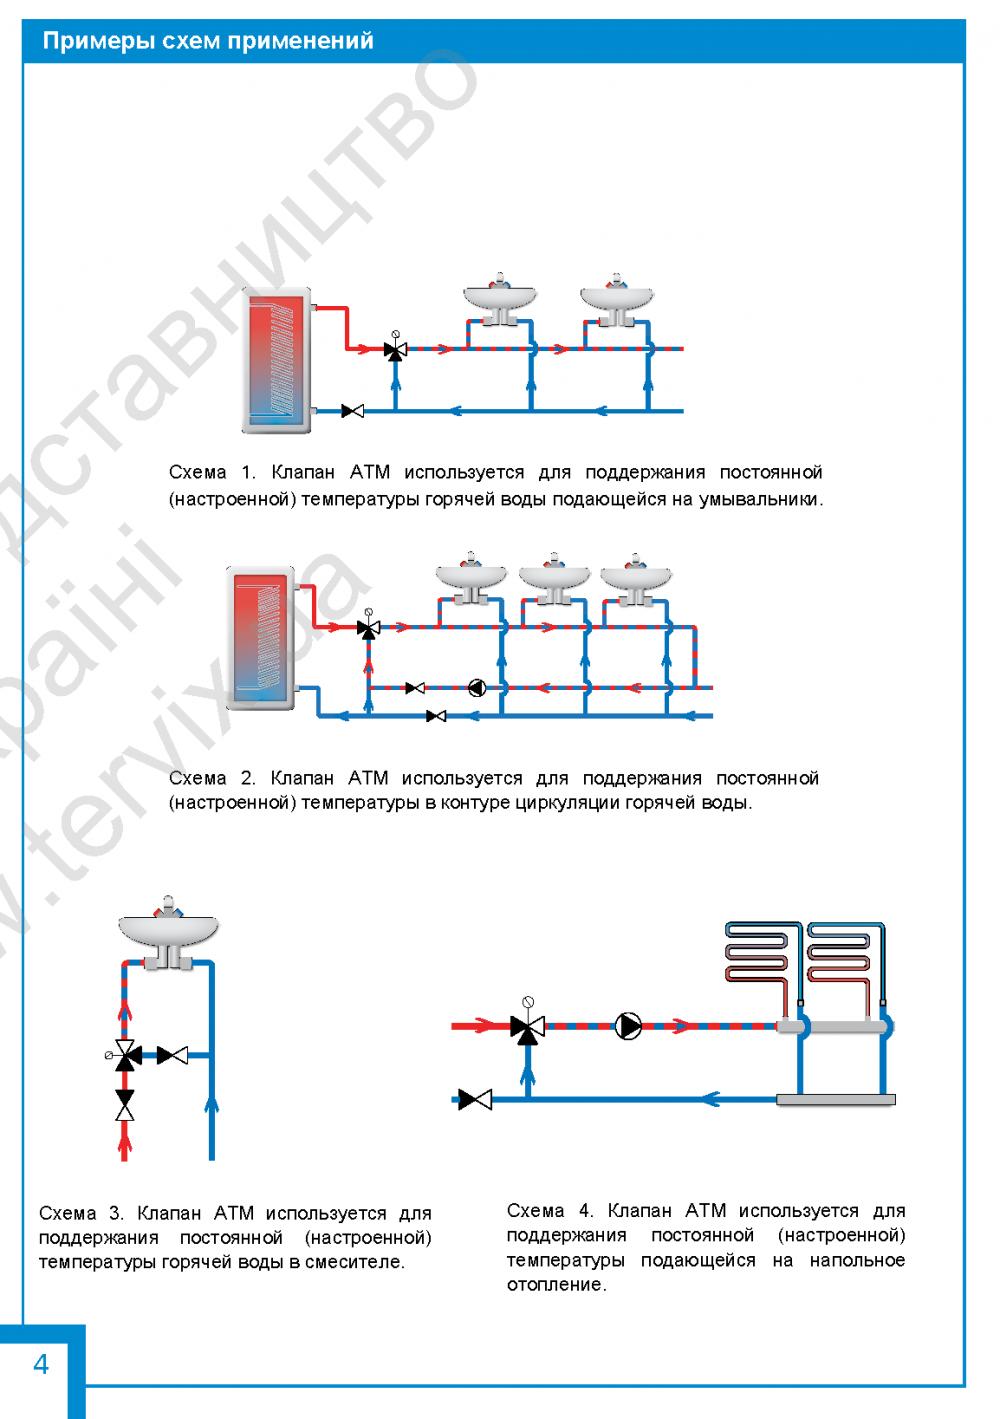 """Термостатический клапан 3/4"""" Afriso ATM333 с защитой от ожогов для ГВС T=35-60°C Rp 3/4"""" DN20 Kvs 1,6 1233310 - 3"""